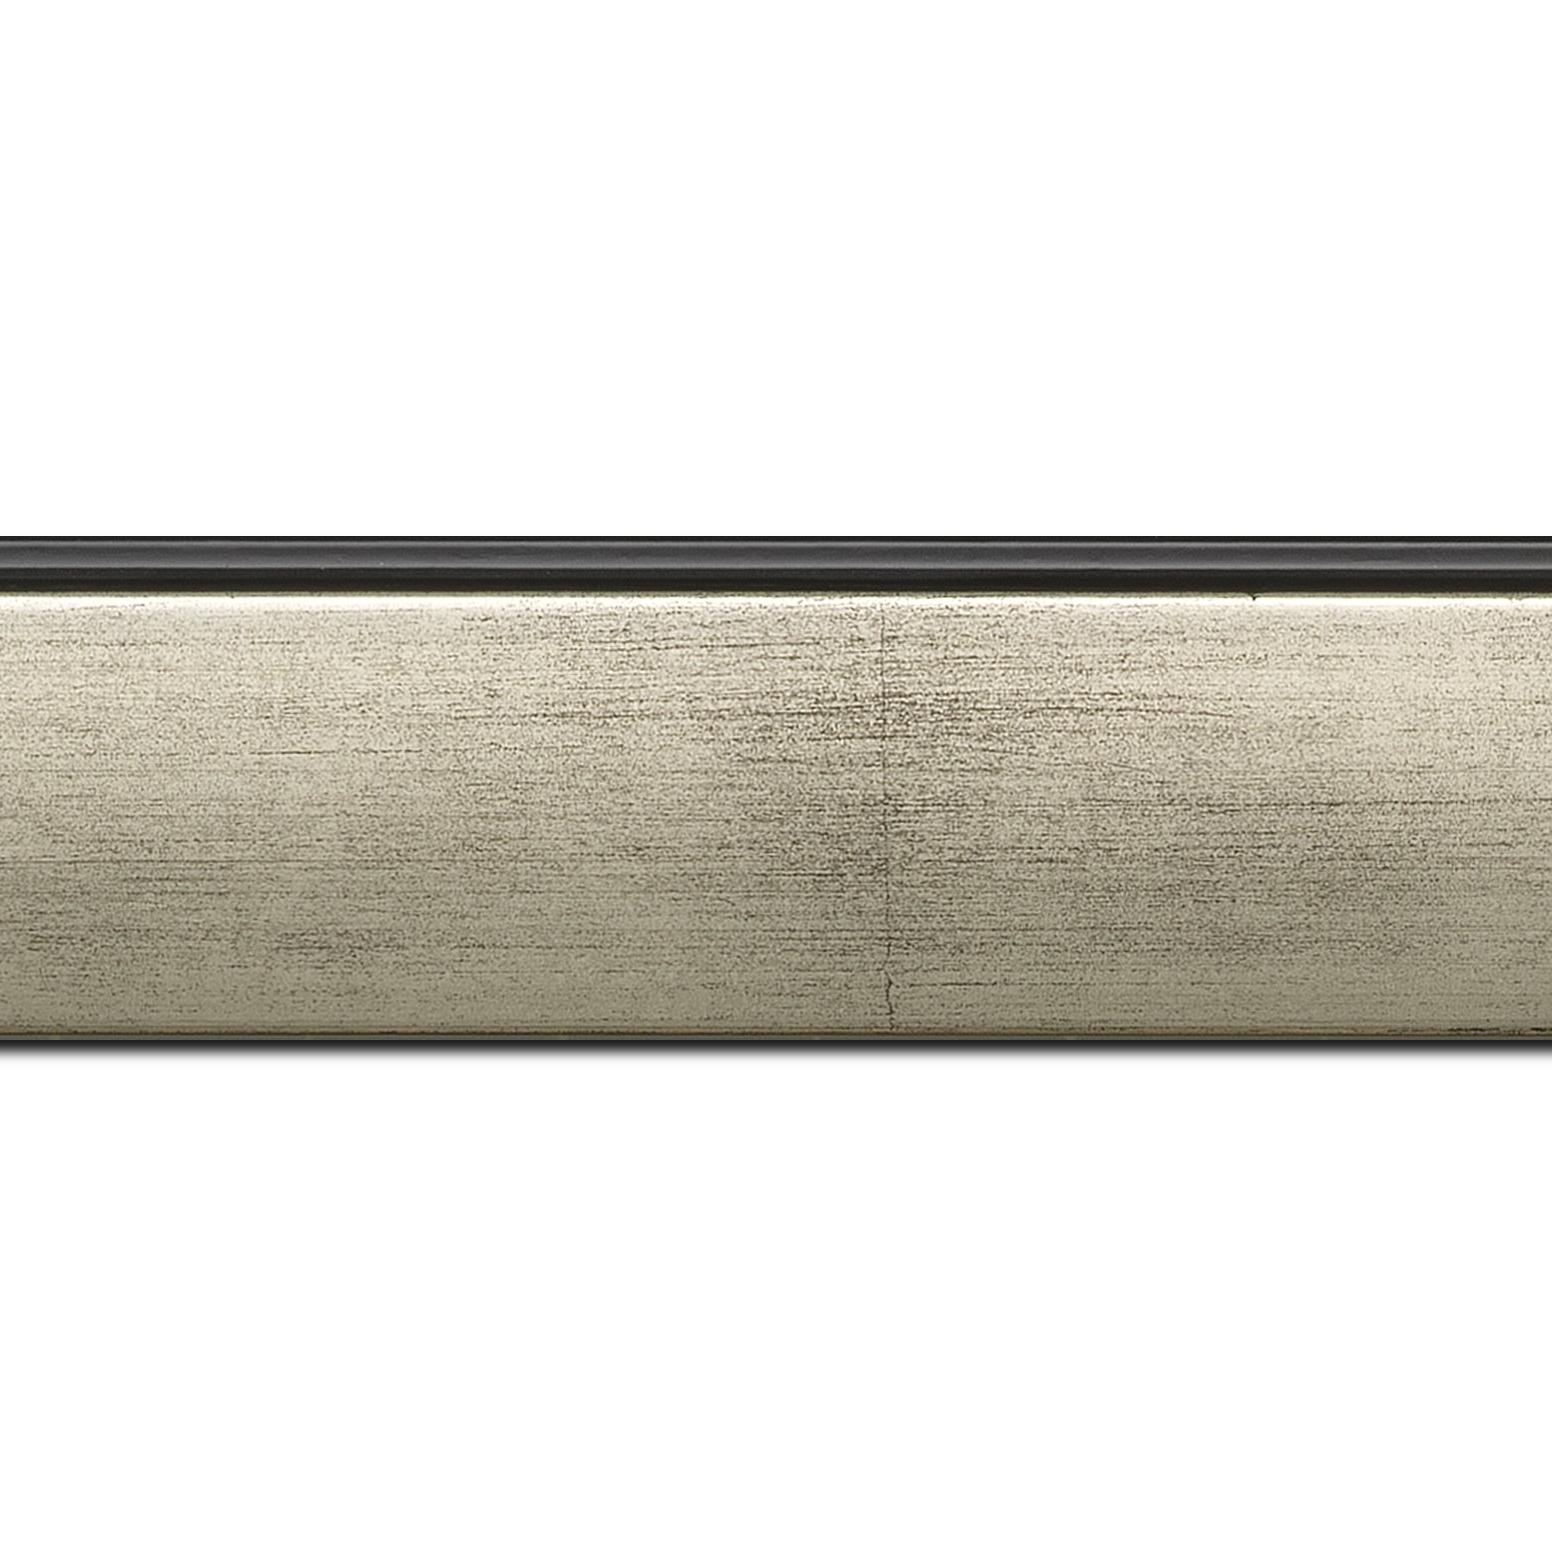 Pack par 12m, bois profil en pente méplat largeur 4.8cm argent satiné surligné par une gorge extérieure noire : originalité et élégance assurée (longueur baguette pouvant varier entre 2.40m et 3m selon arrivage des bois)